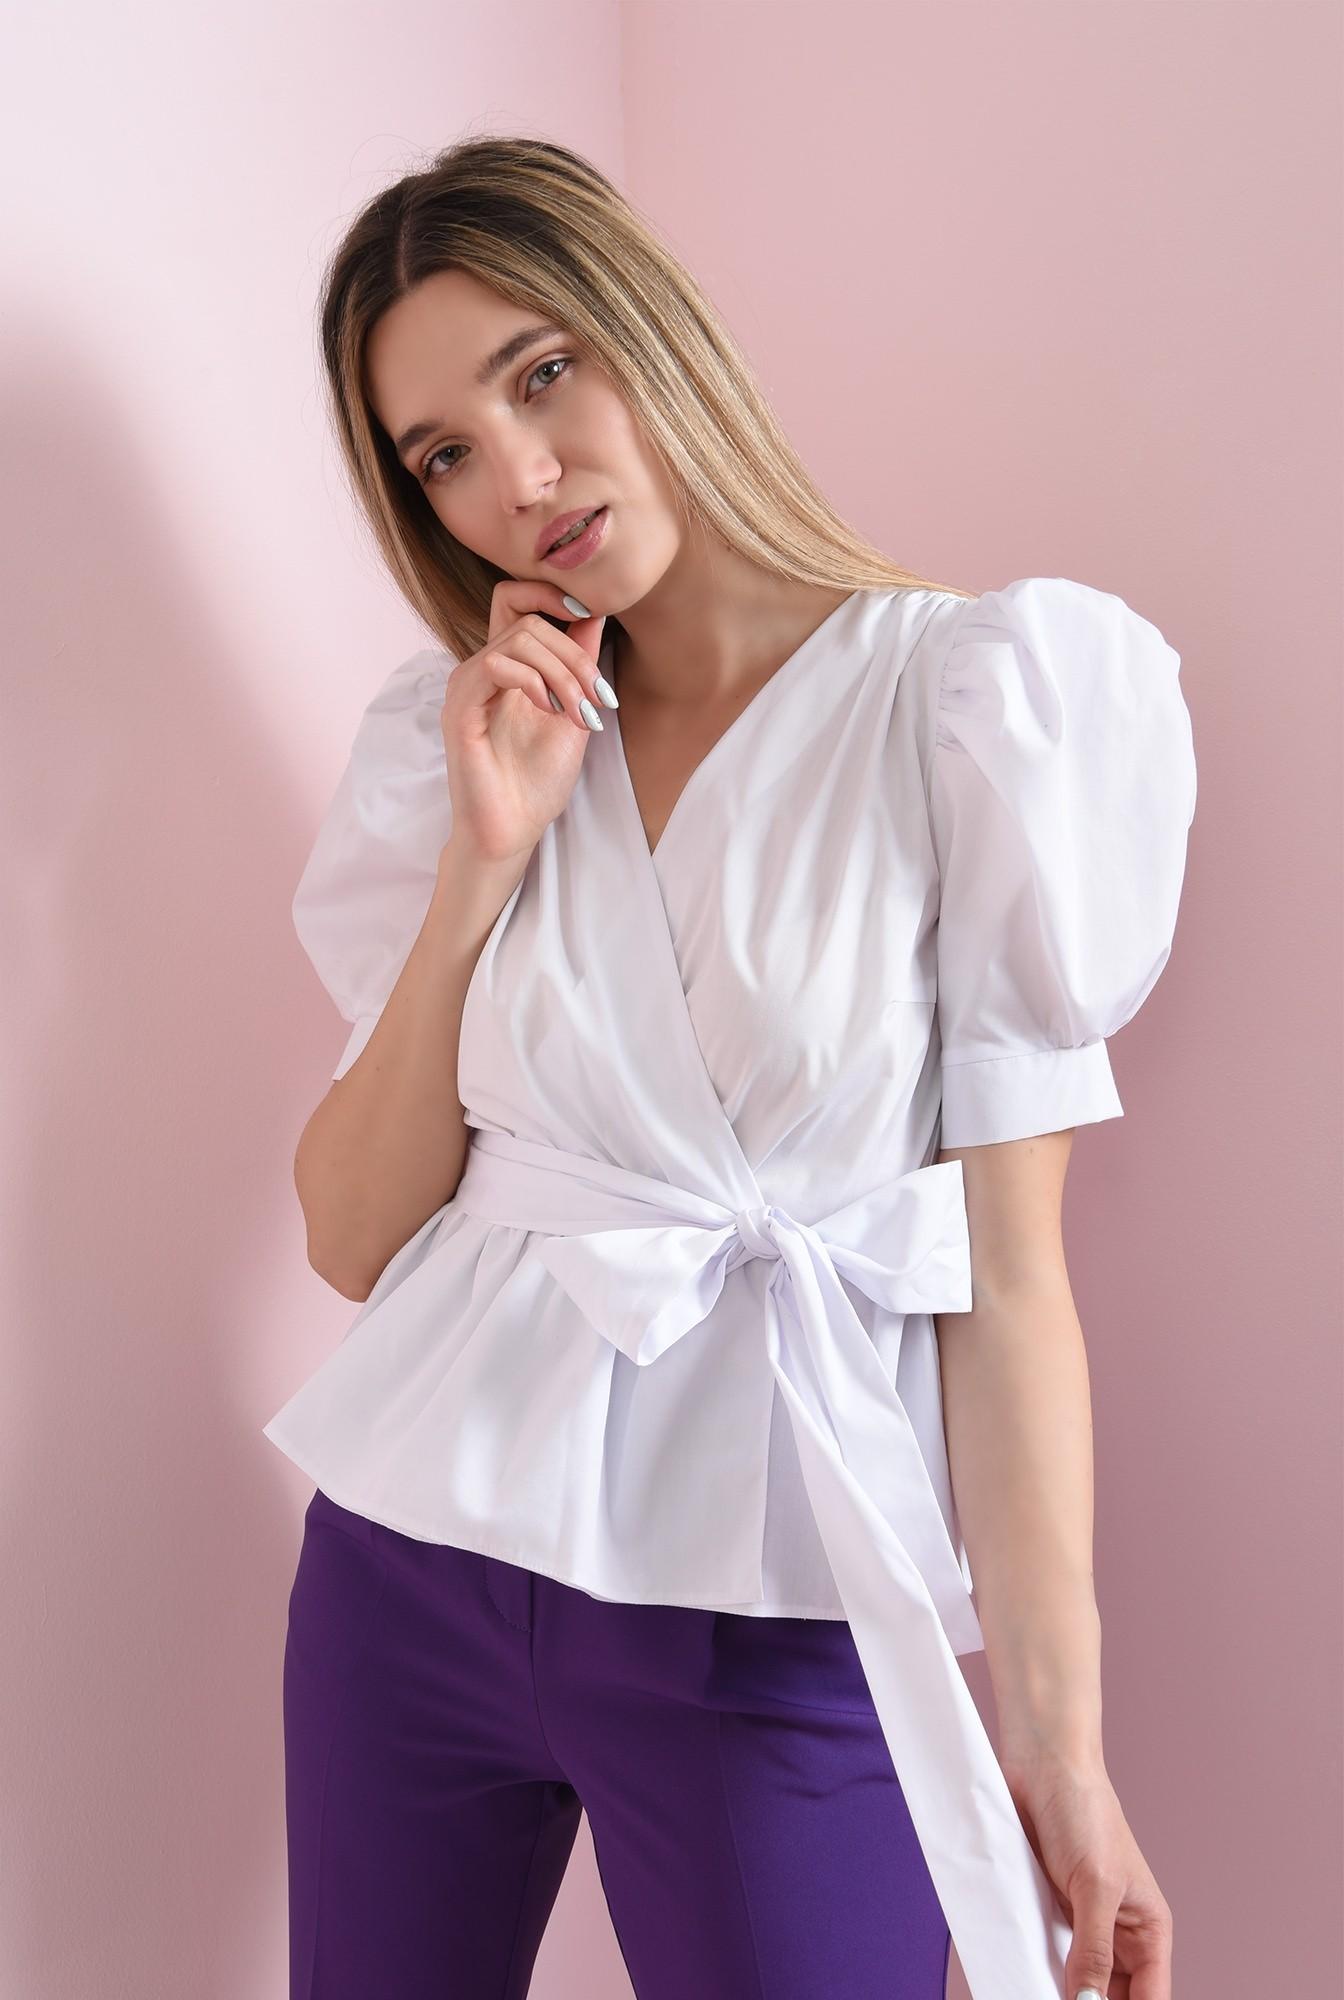 0 - 360 - bluza cu cordon, cu umeri accentuati